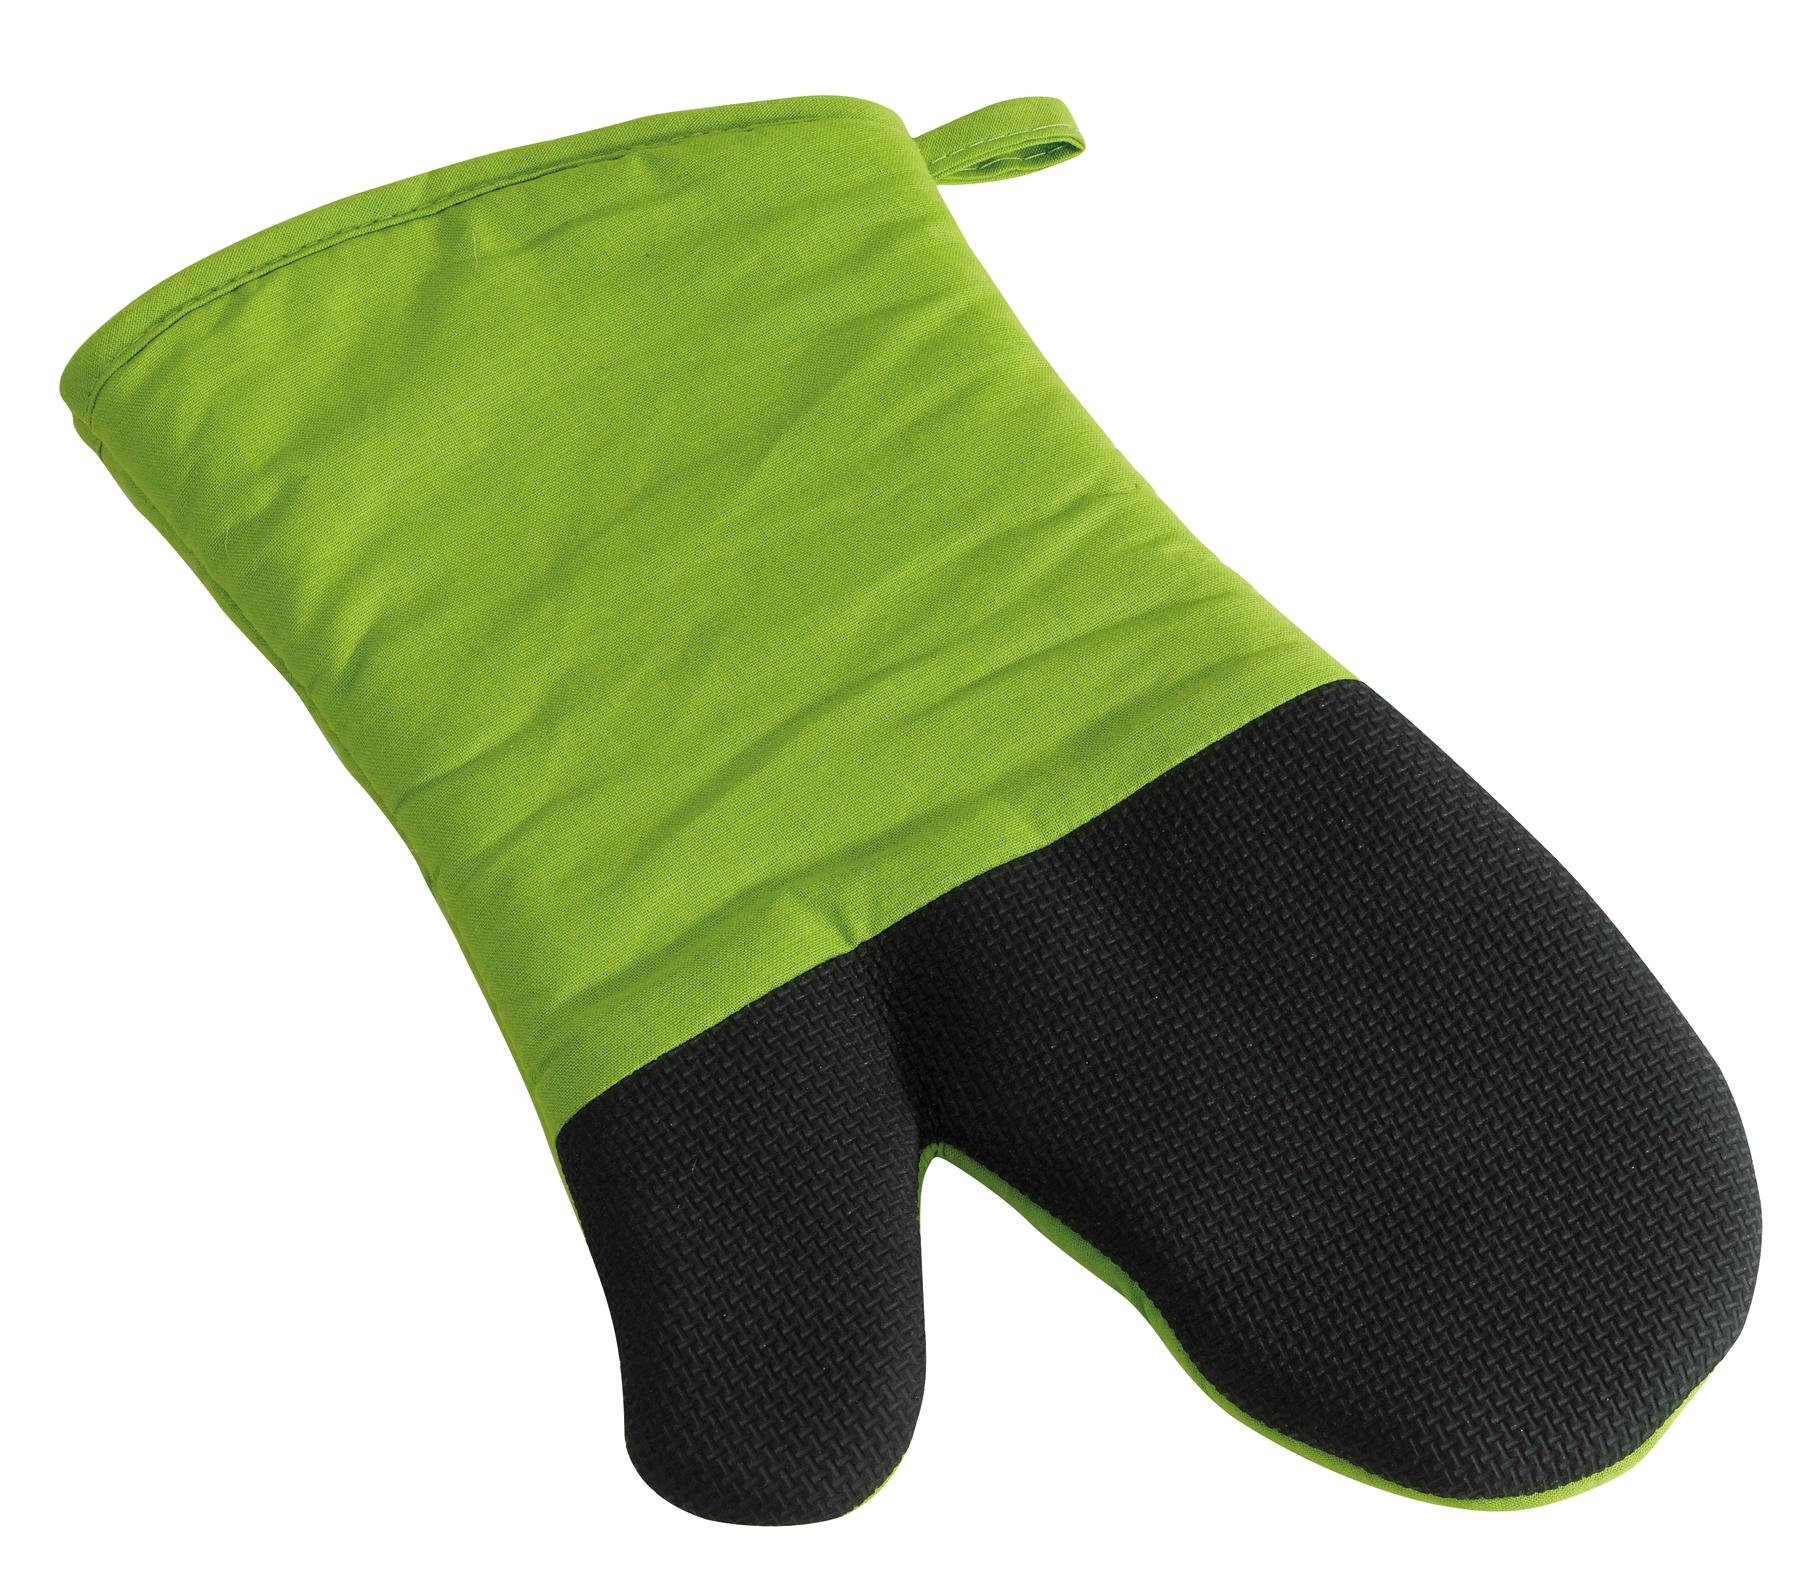 Rękawica grillowa STAY COOL, czarny, jasnozielony